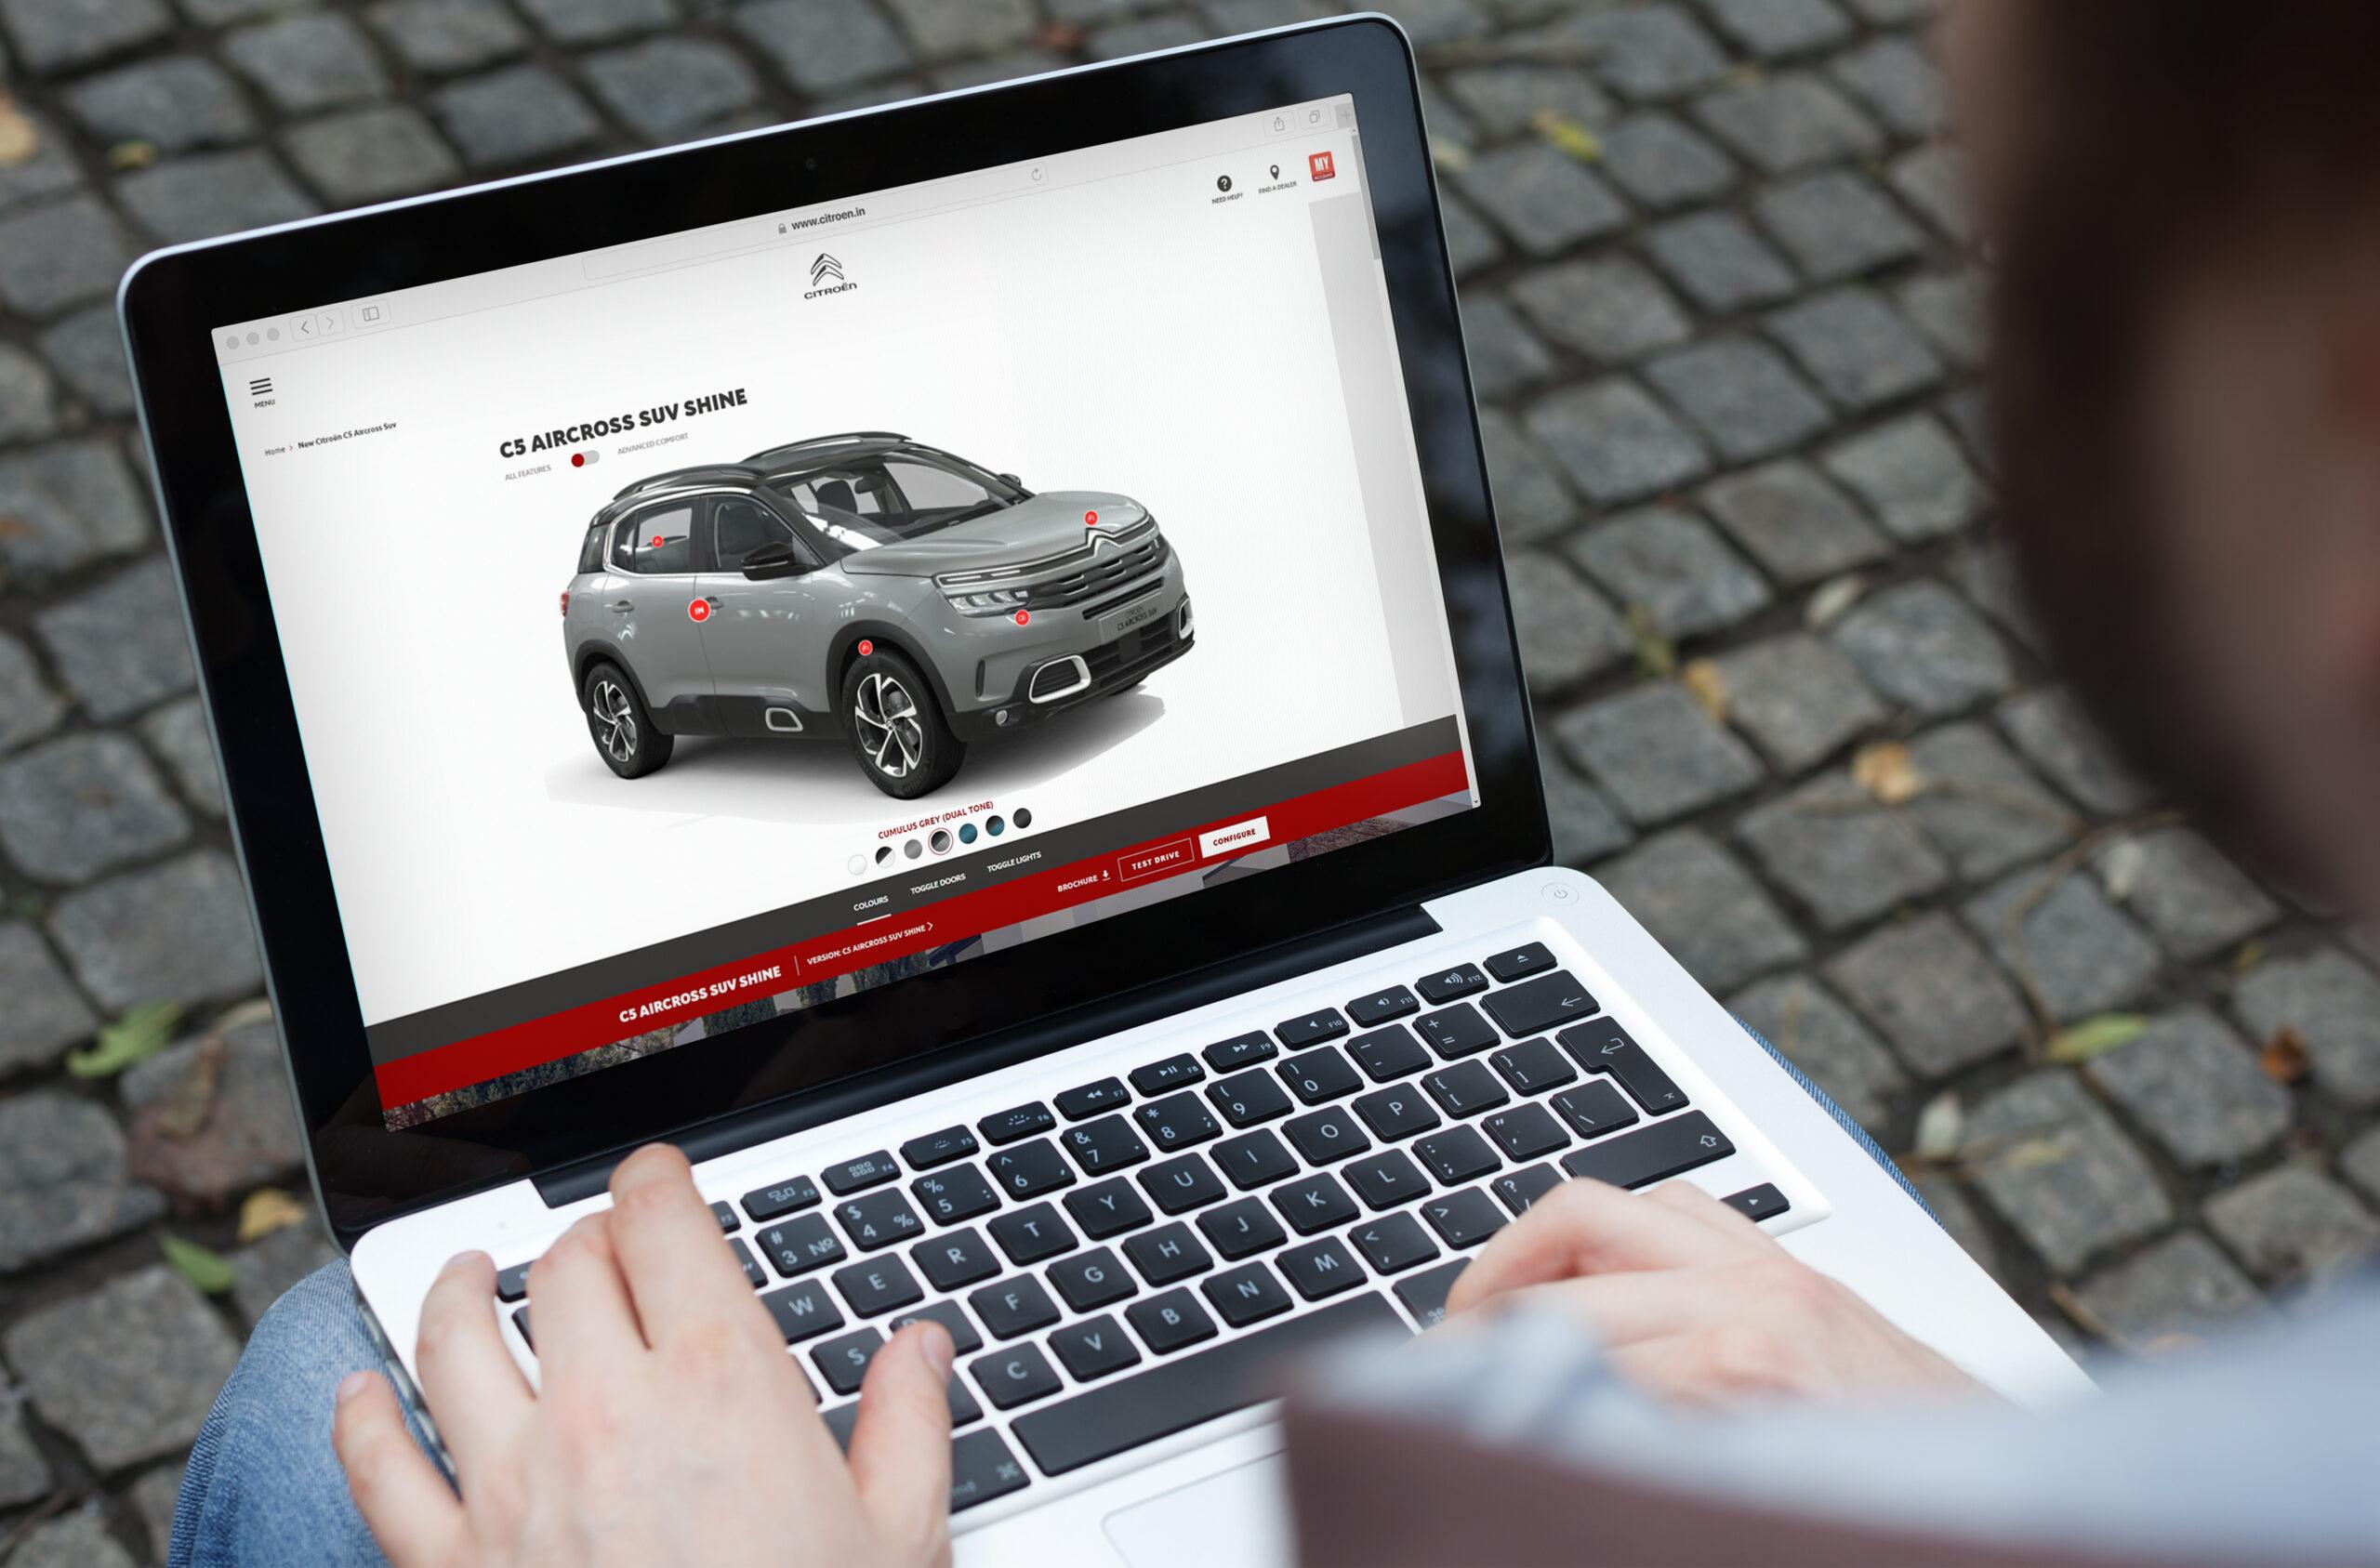 Eccentric Engine collaborates with Citroën